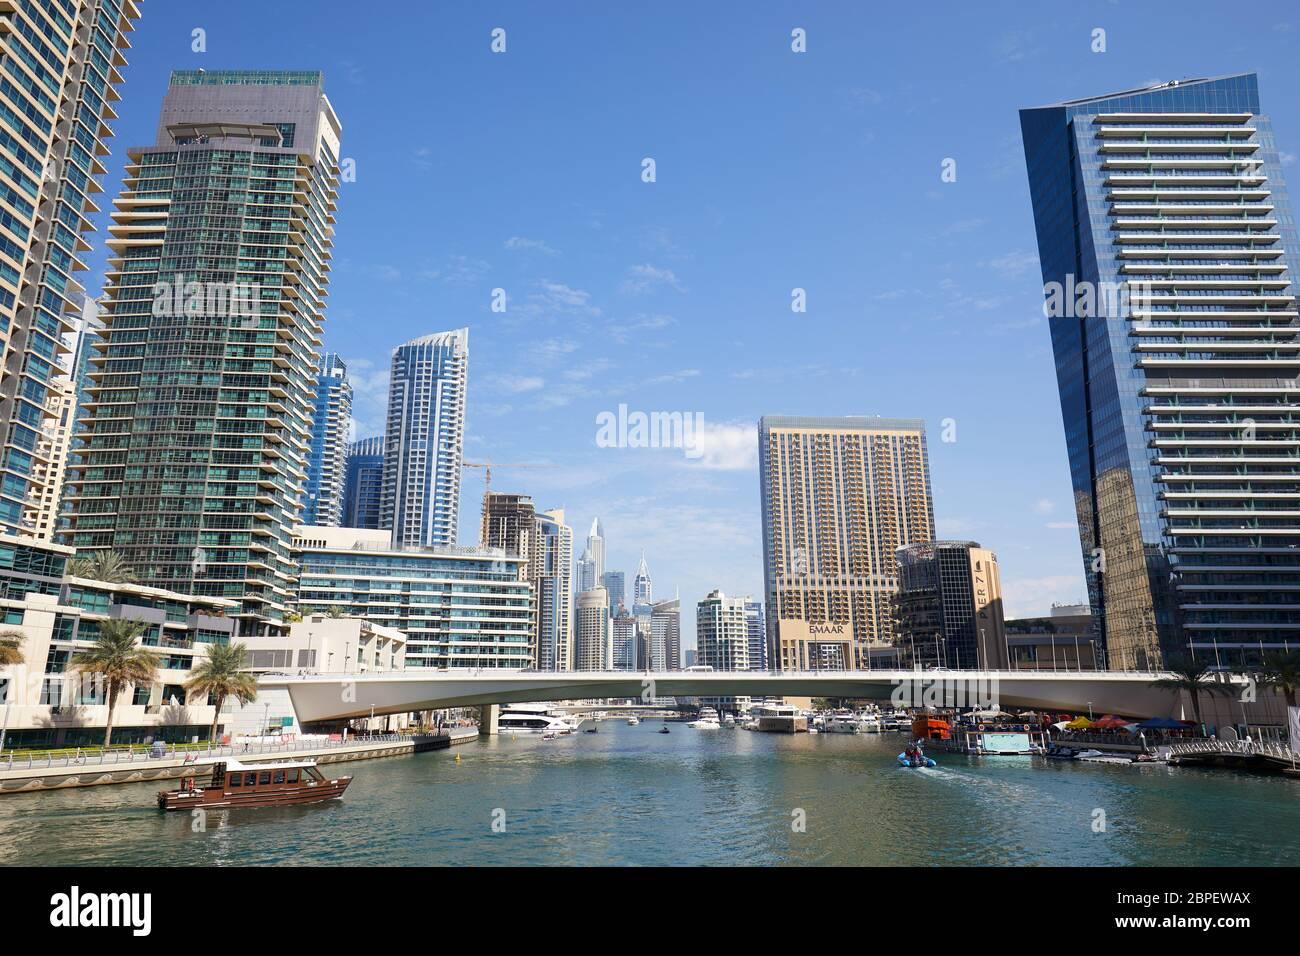 DUBAÏ, ÉMIRATS ARABES UNIS - 23 NOVEMBRE 2019 : gratte-ciel et canal de la marina de Dubaï avec bateaux par temps ensoleillé, ciel bleu clair à Dubaï Banque D'Images